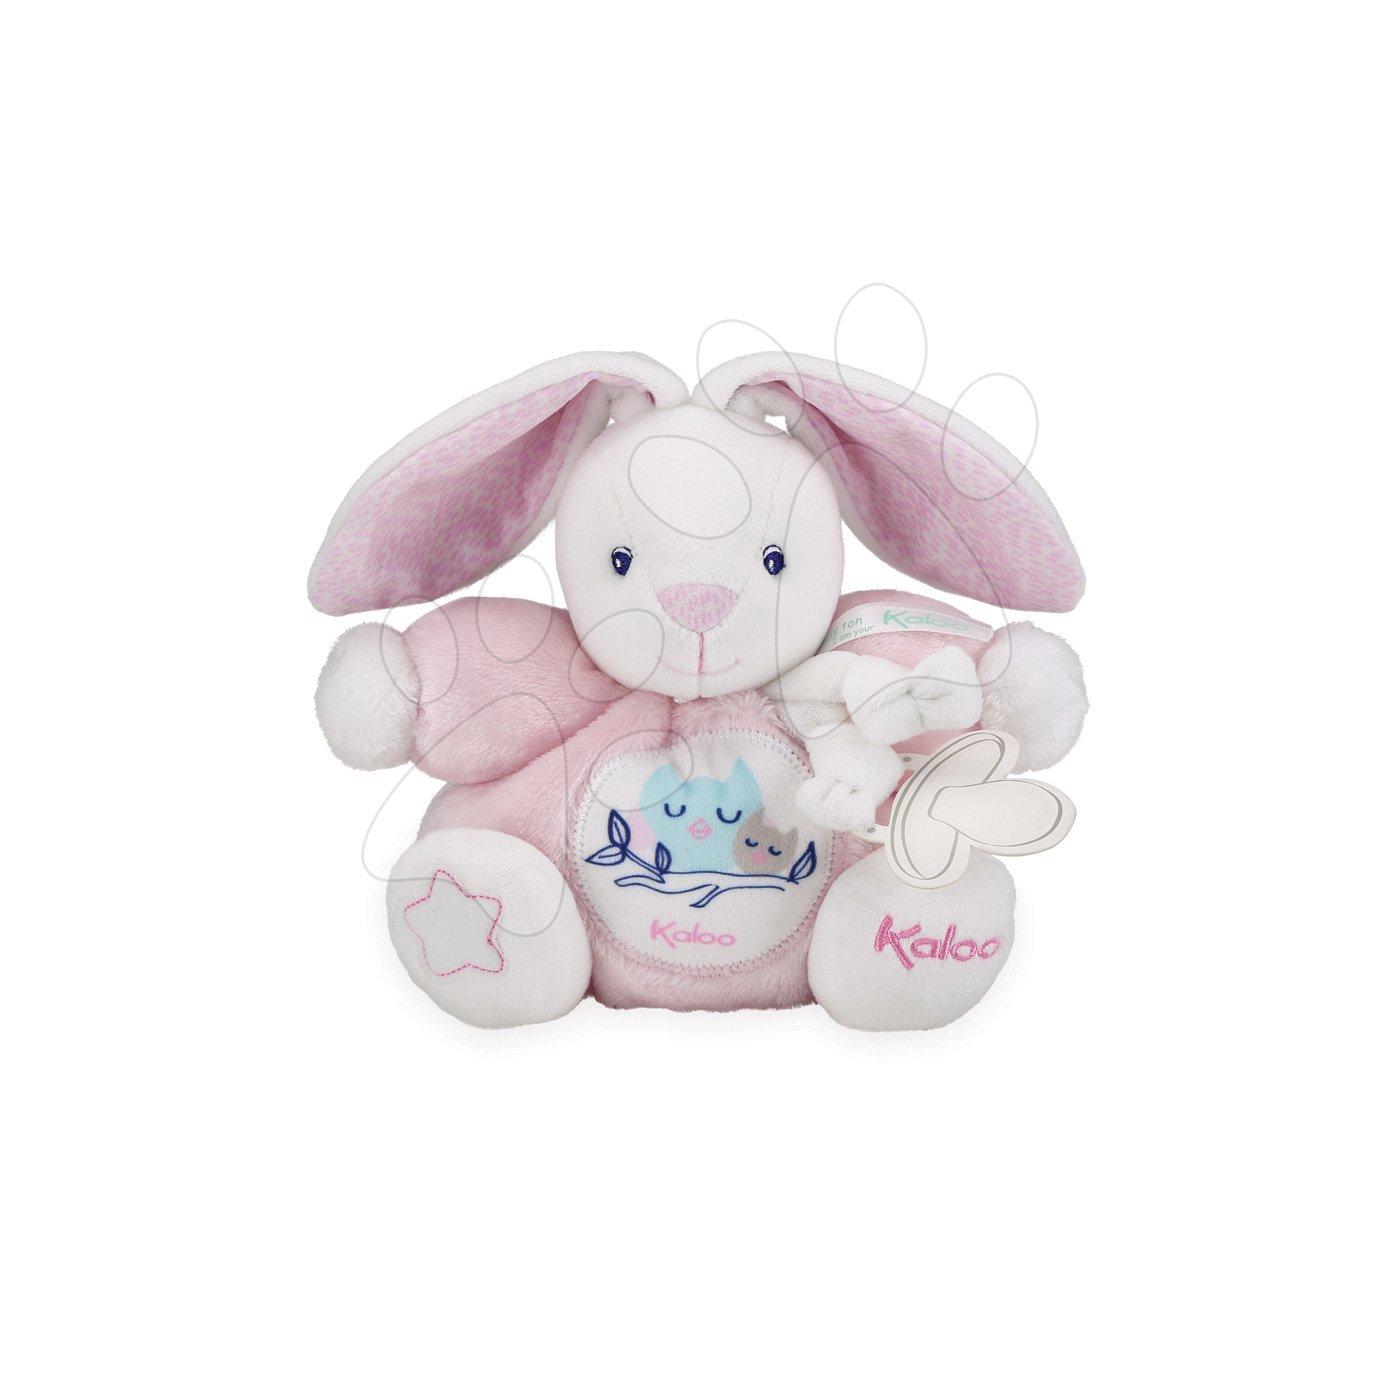 Plyšový zajac Imagine Chubby Kaloo svetielkujúci v darčekovom balení 18 cm ružový